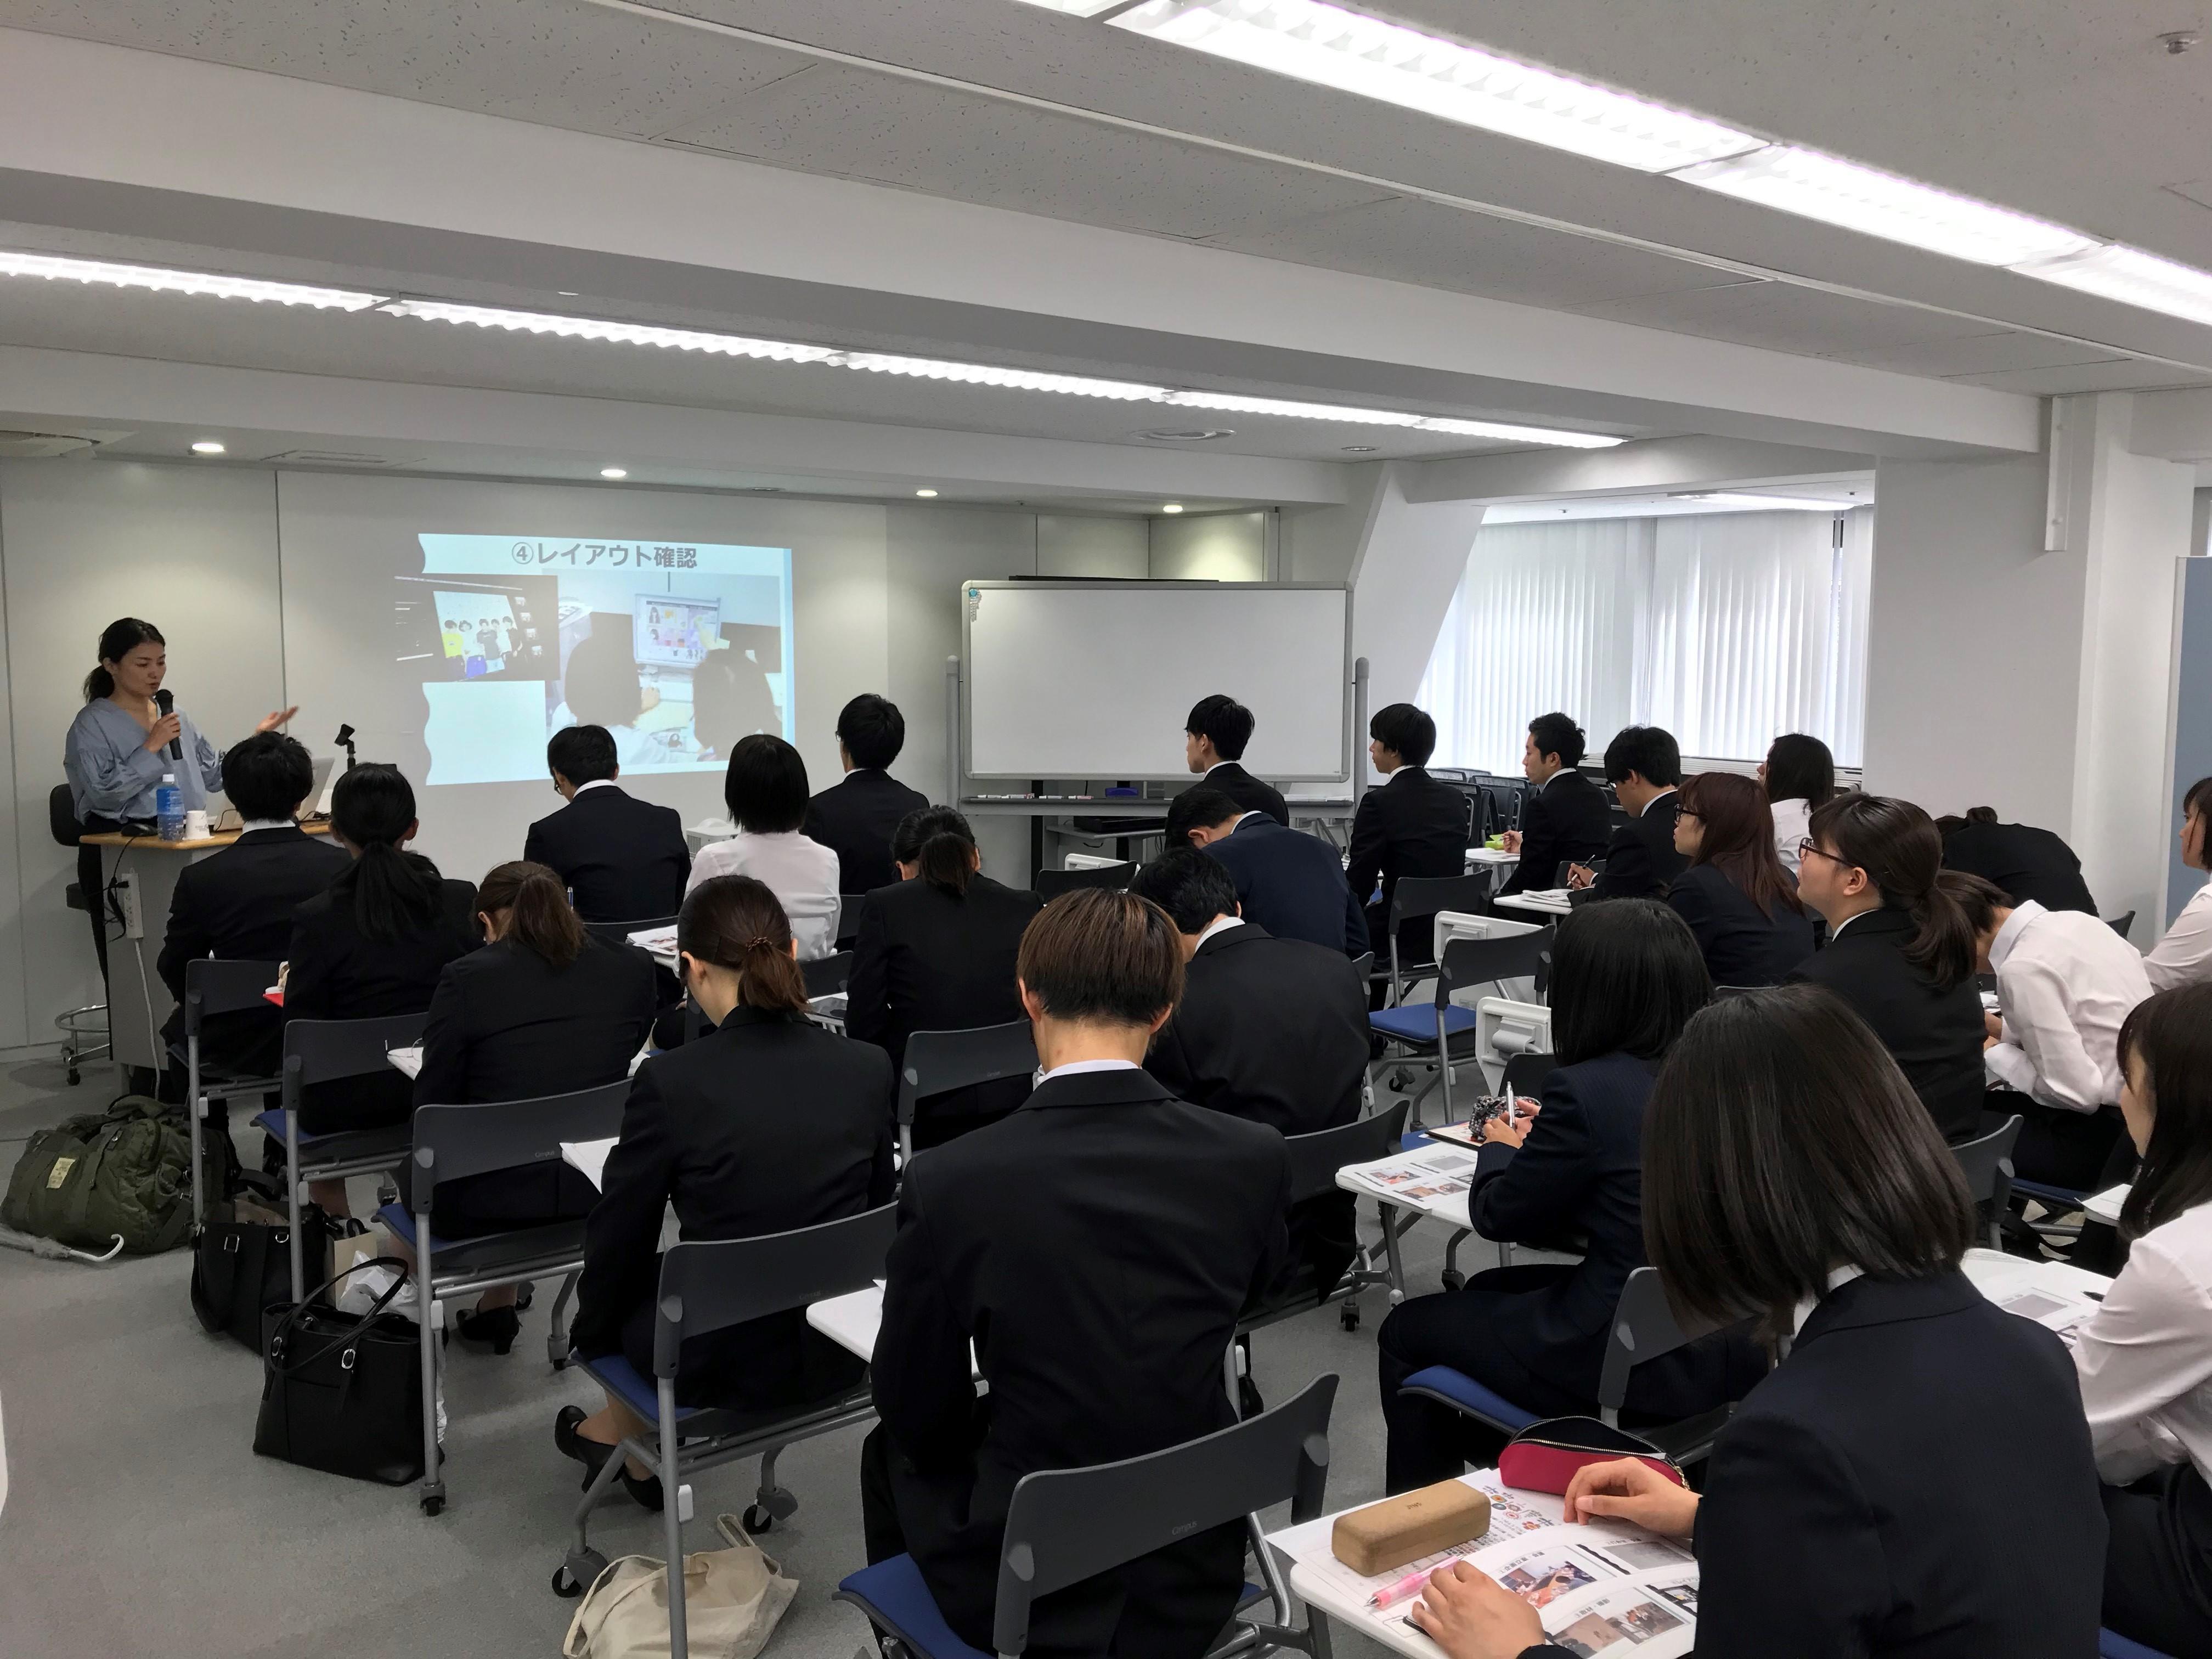 近大生の東京での就職活動をバックアップ 3つのキャリア支援イベントを開催